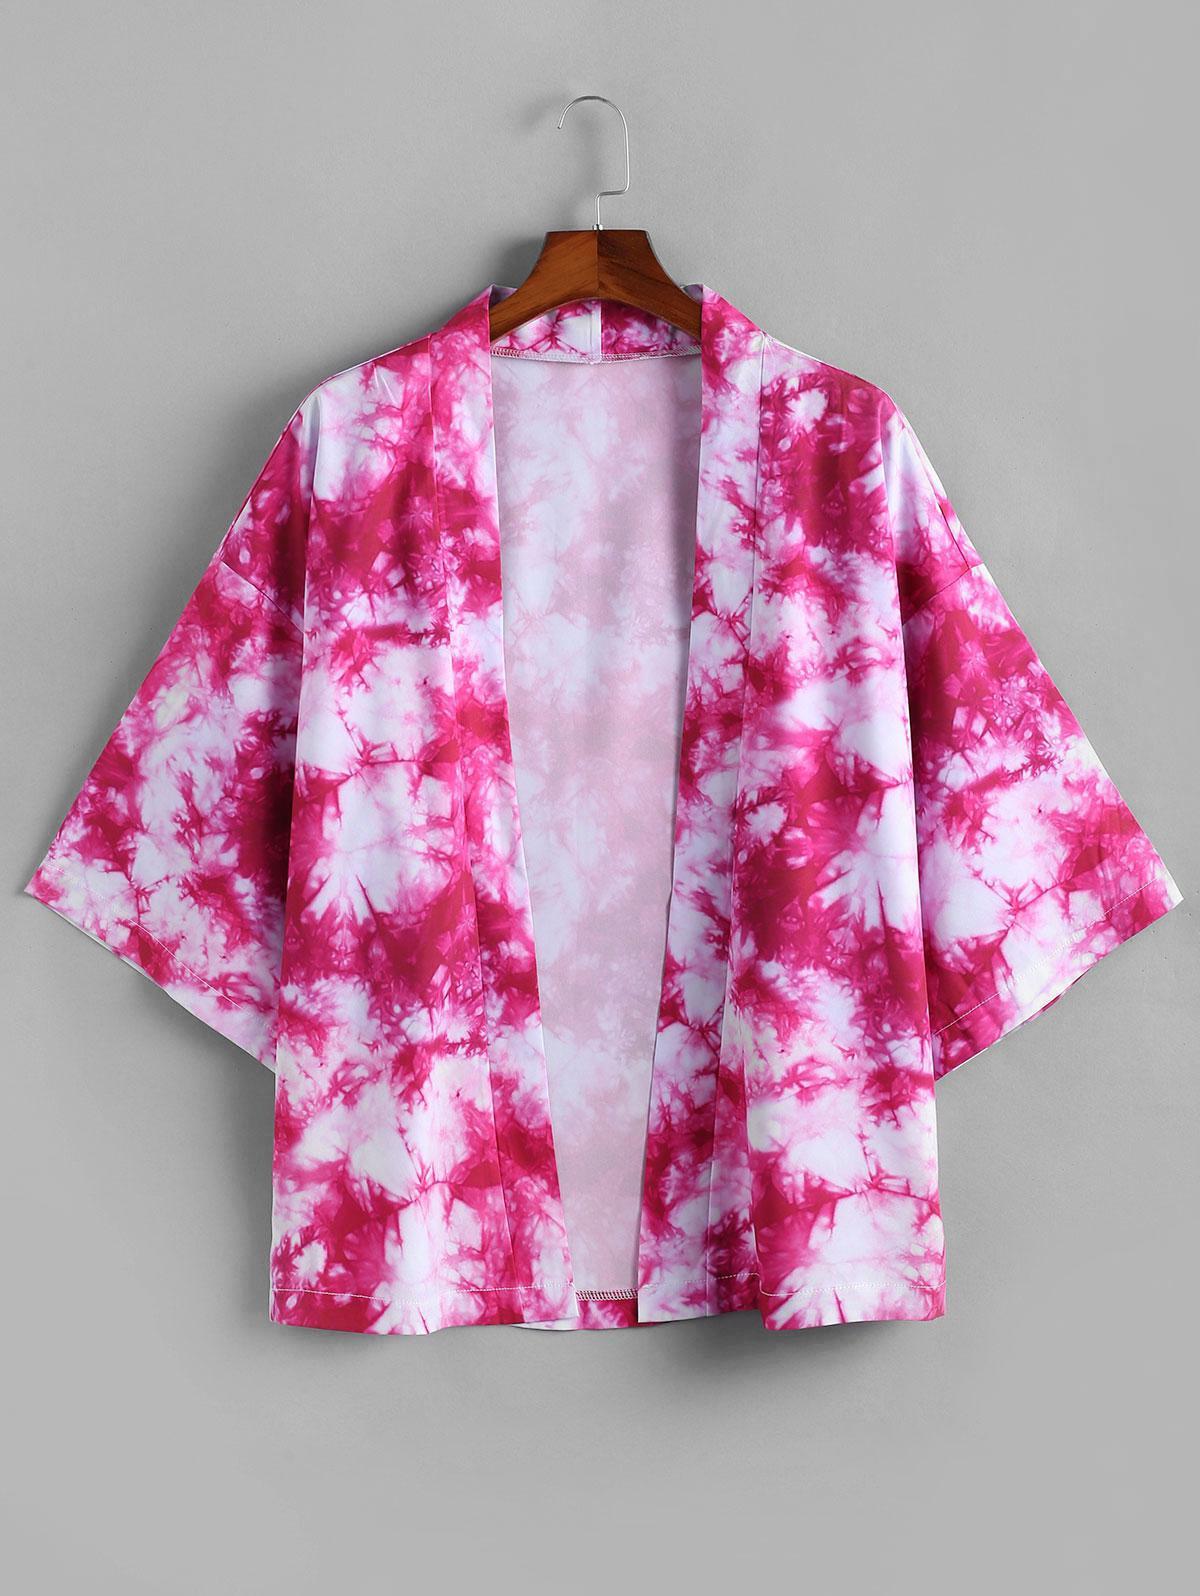 Cardigan Kimono Ouvert en Avant Teinté Imprimé M - Zaful FR - Modalova